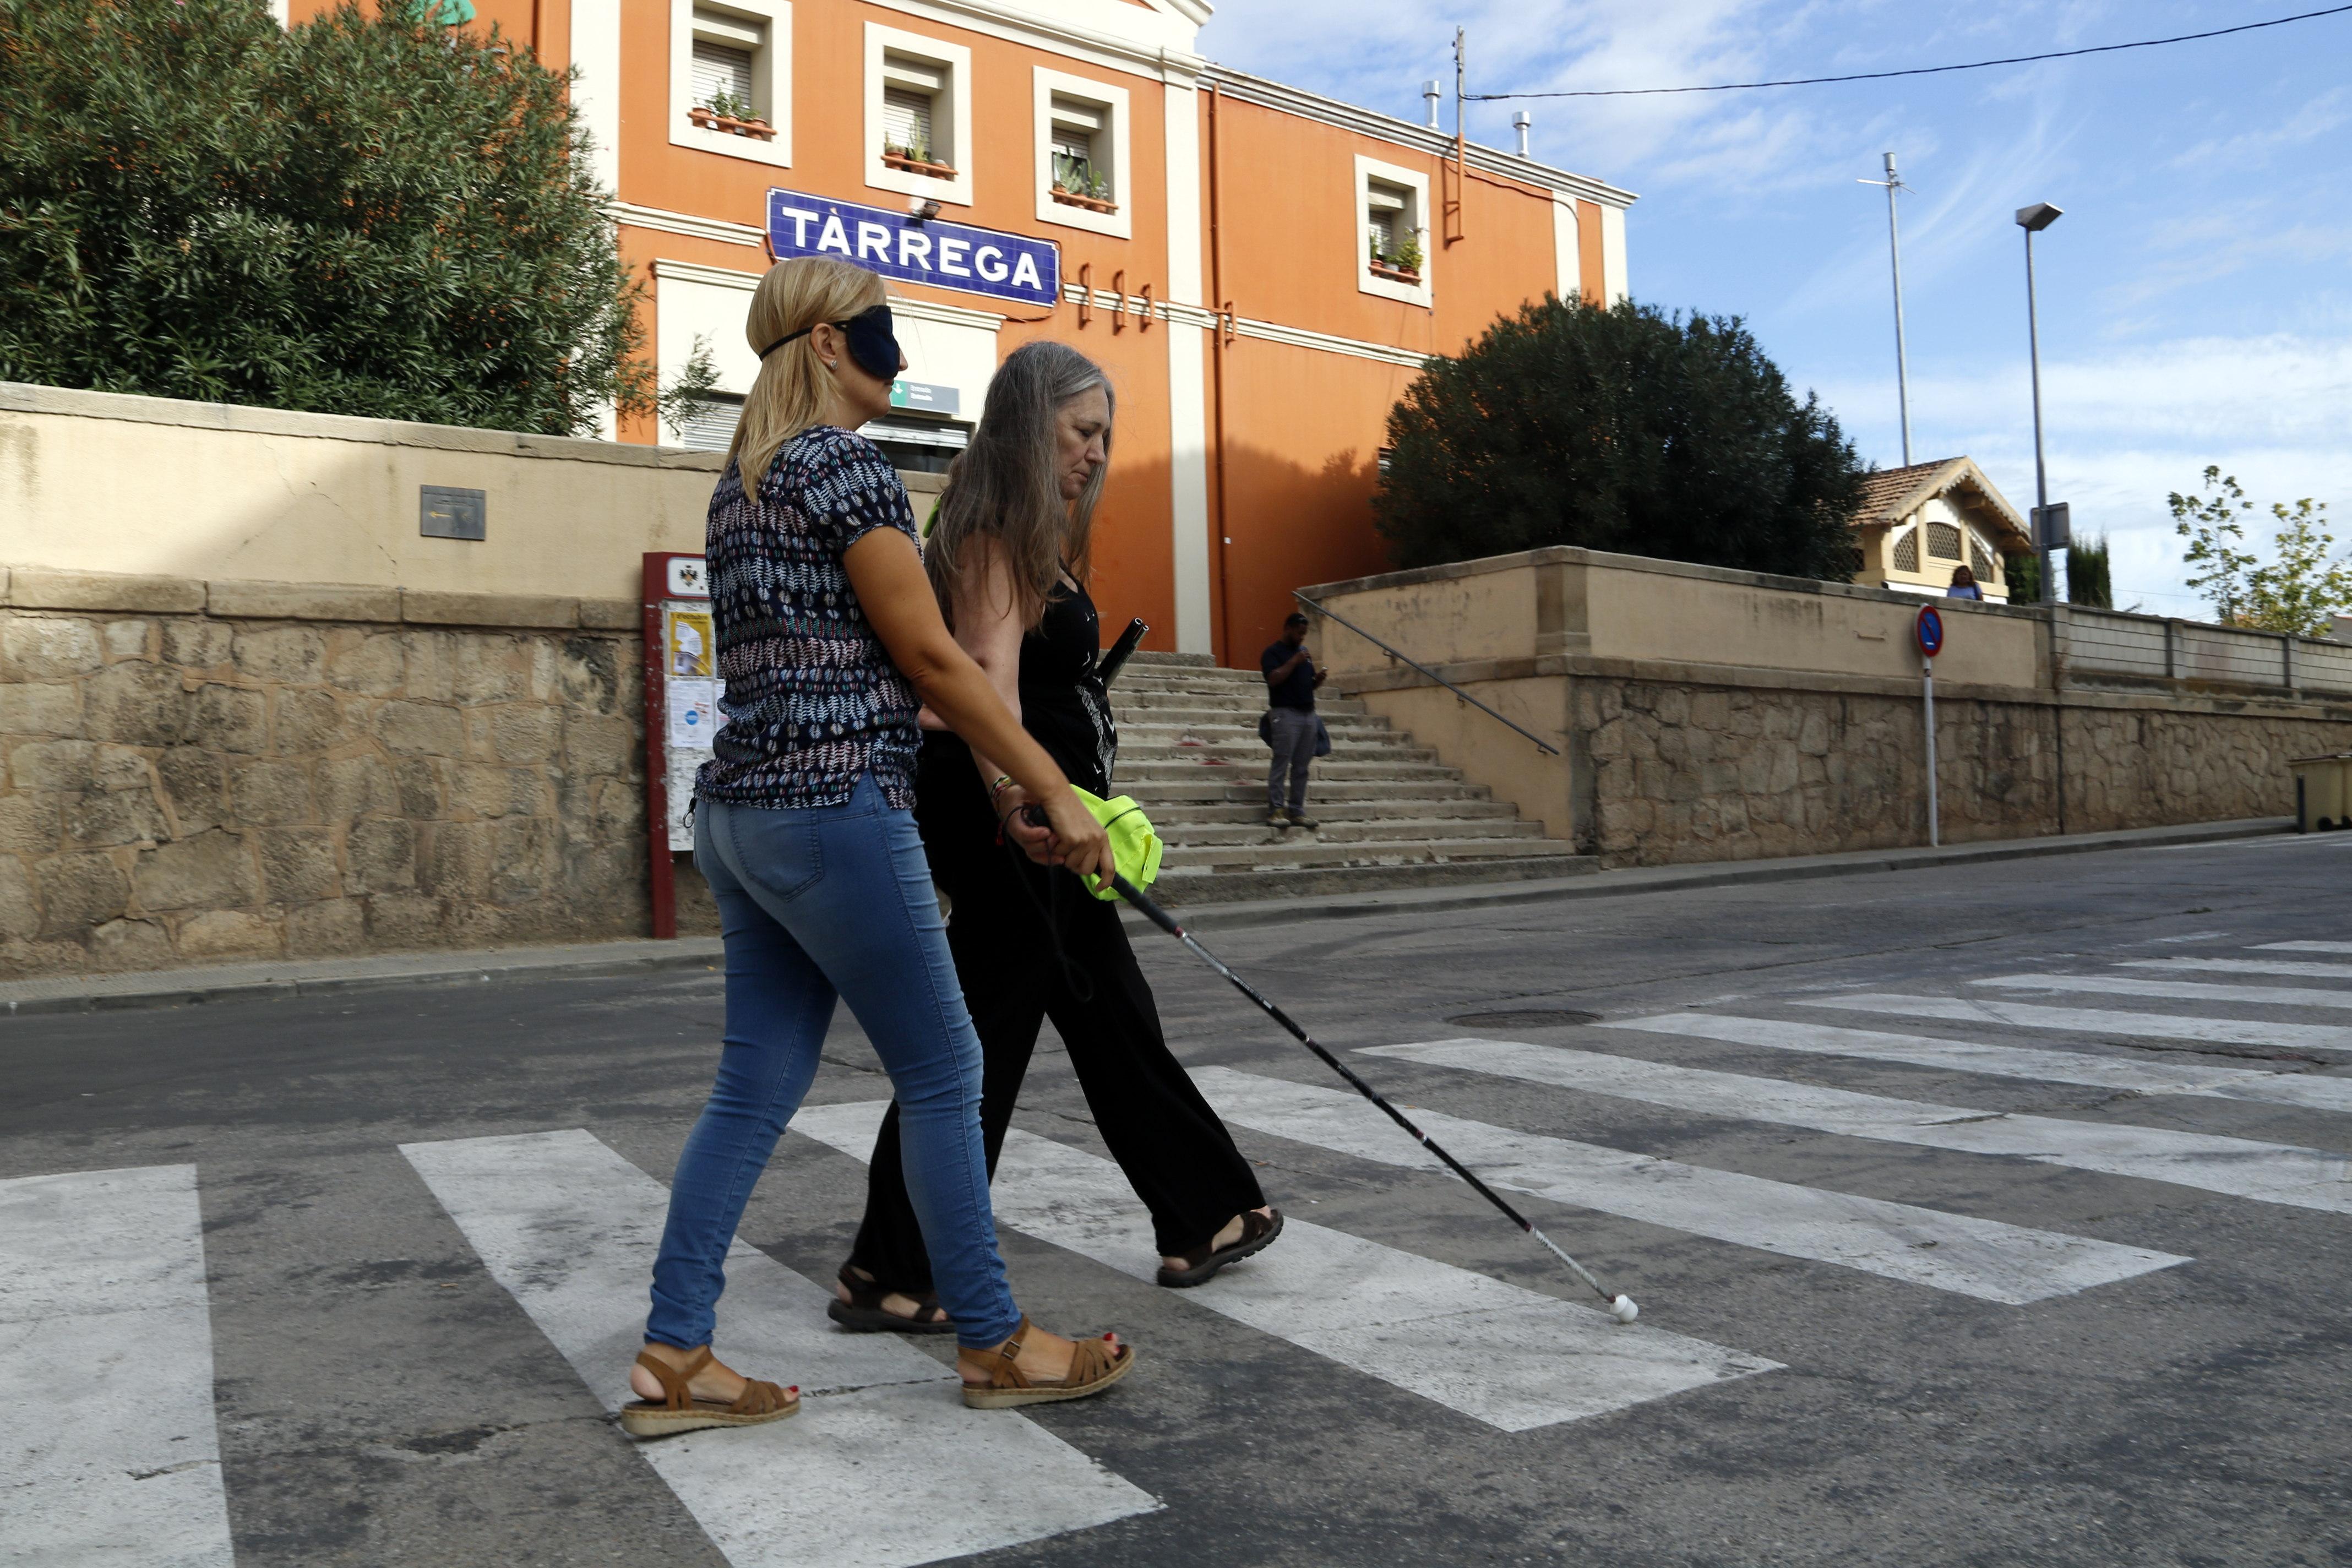 Tècnics municipals i polítics de Tàrrega es posen a la pell de persones amb discapacitats per fer una diagnosi dels obstacles urbans